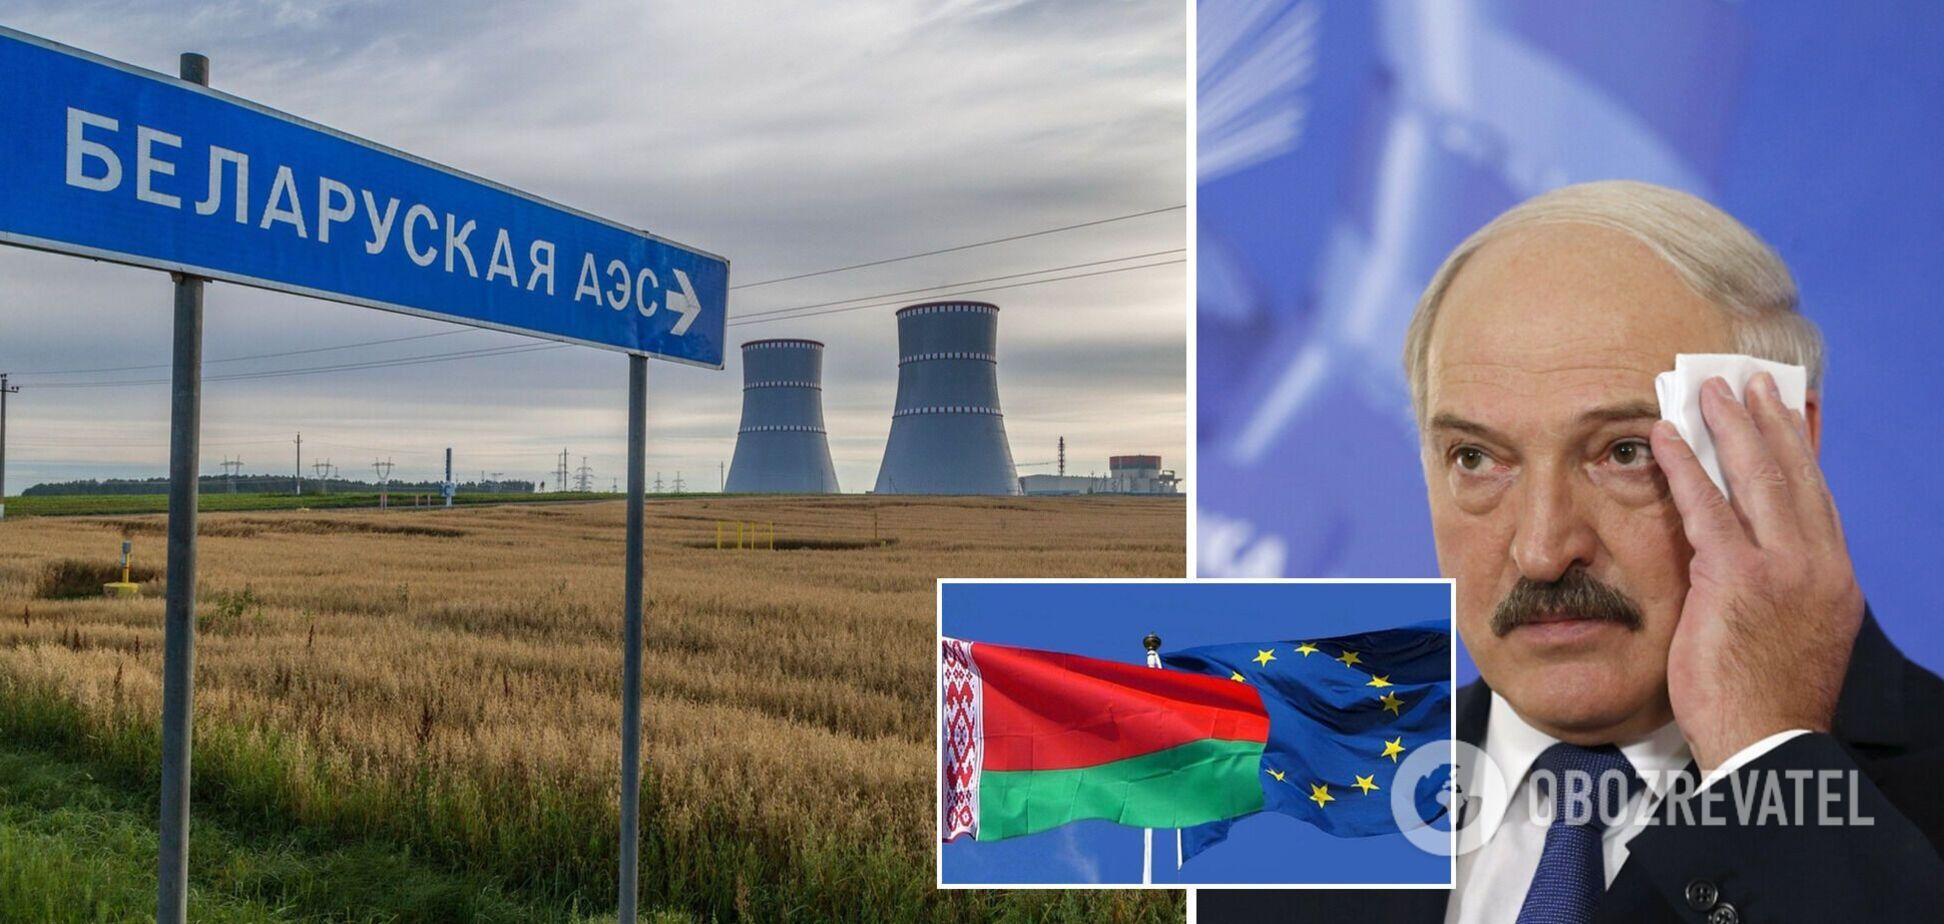 Литва призвала ввести санкции против компаний, строящих АЭС Беларуси